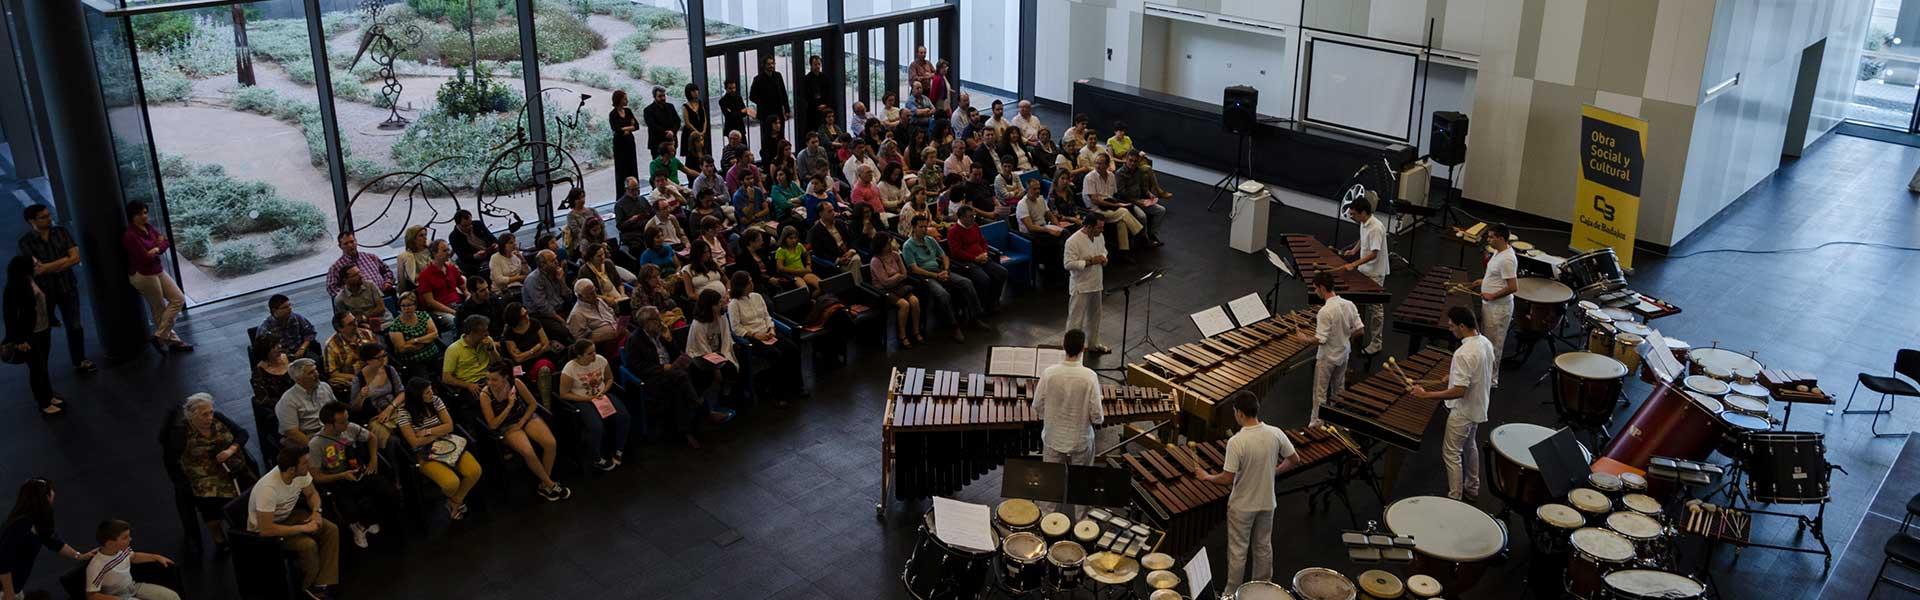 Valencia Percussion Academy. Sociedad Filarmónica de Badajoz © Juan Hernández